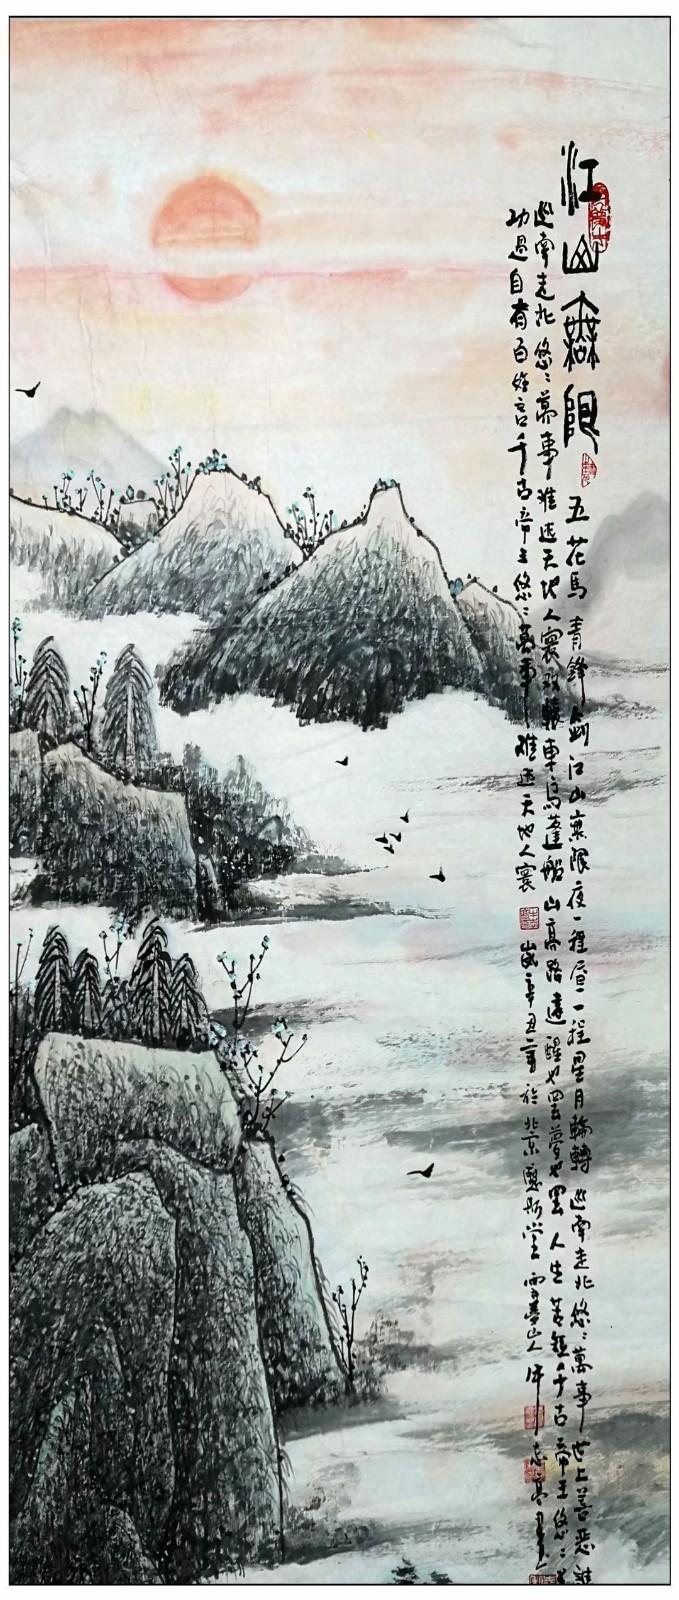 庆祝中国共产党成立100周年---牛志高山水画【220CMX150CM】2021.03.31 ..._图1-7